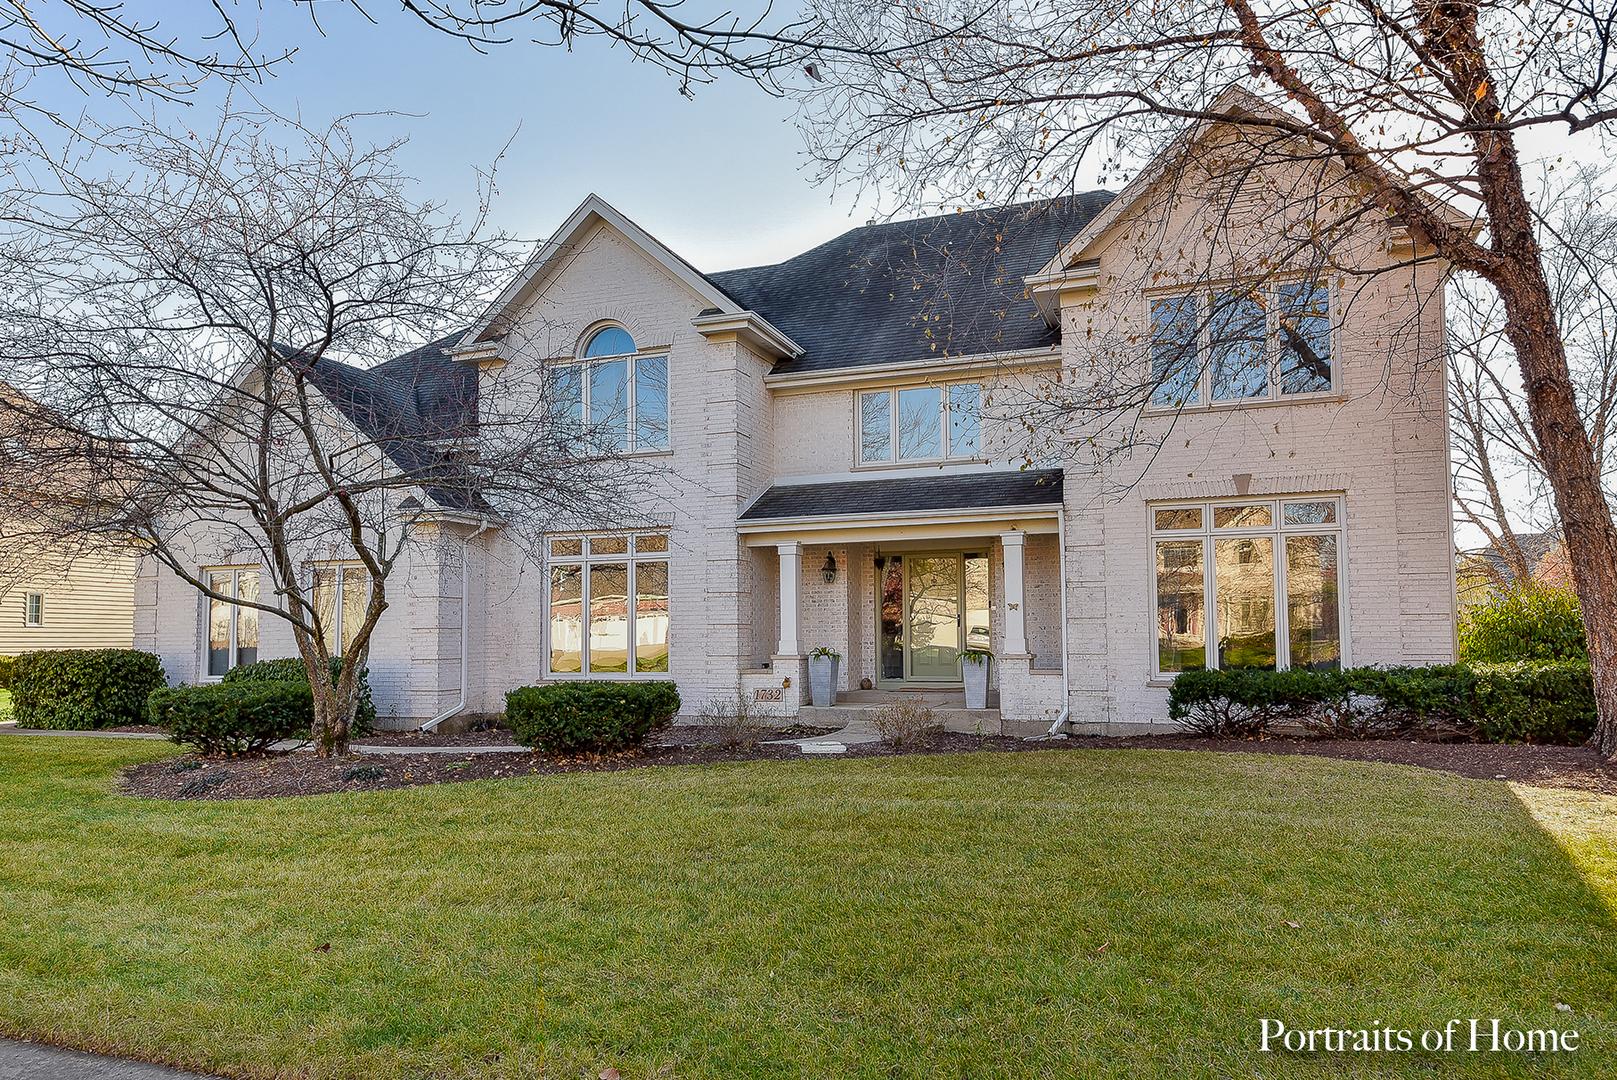 1732 Robert ,Naperville, Illinois 60564